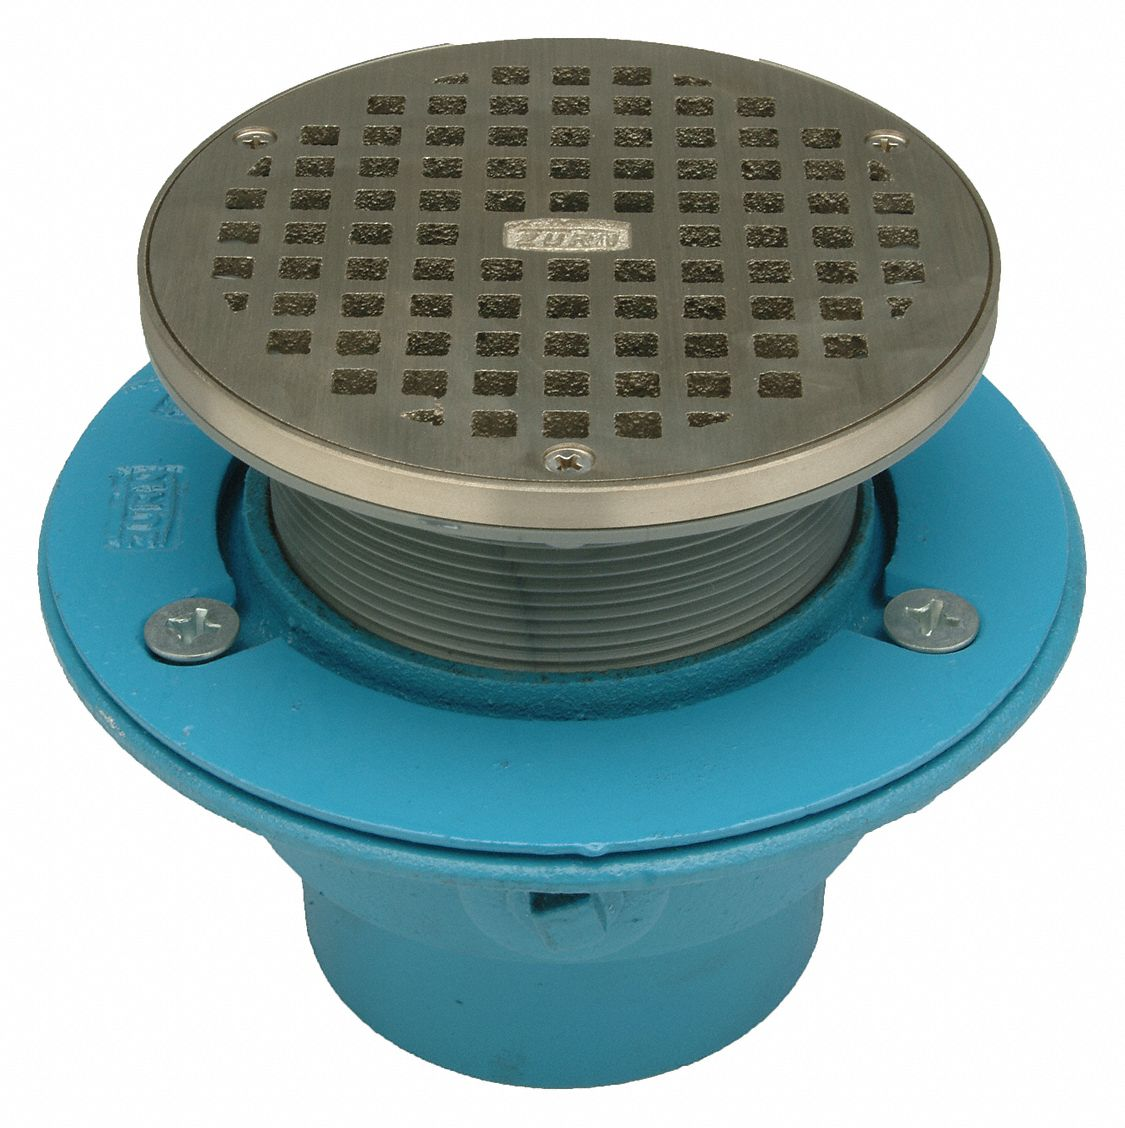 Zurn round floor drain cast iron no hub 29vn12 gr fr05ni for Ground drain